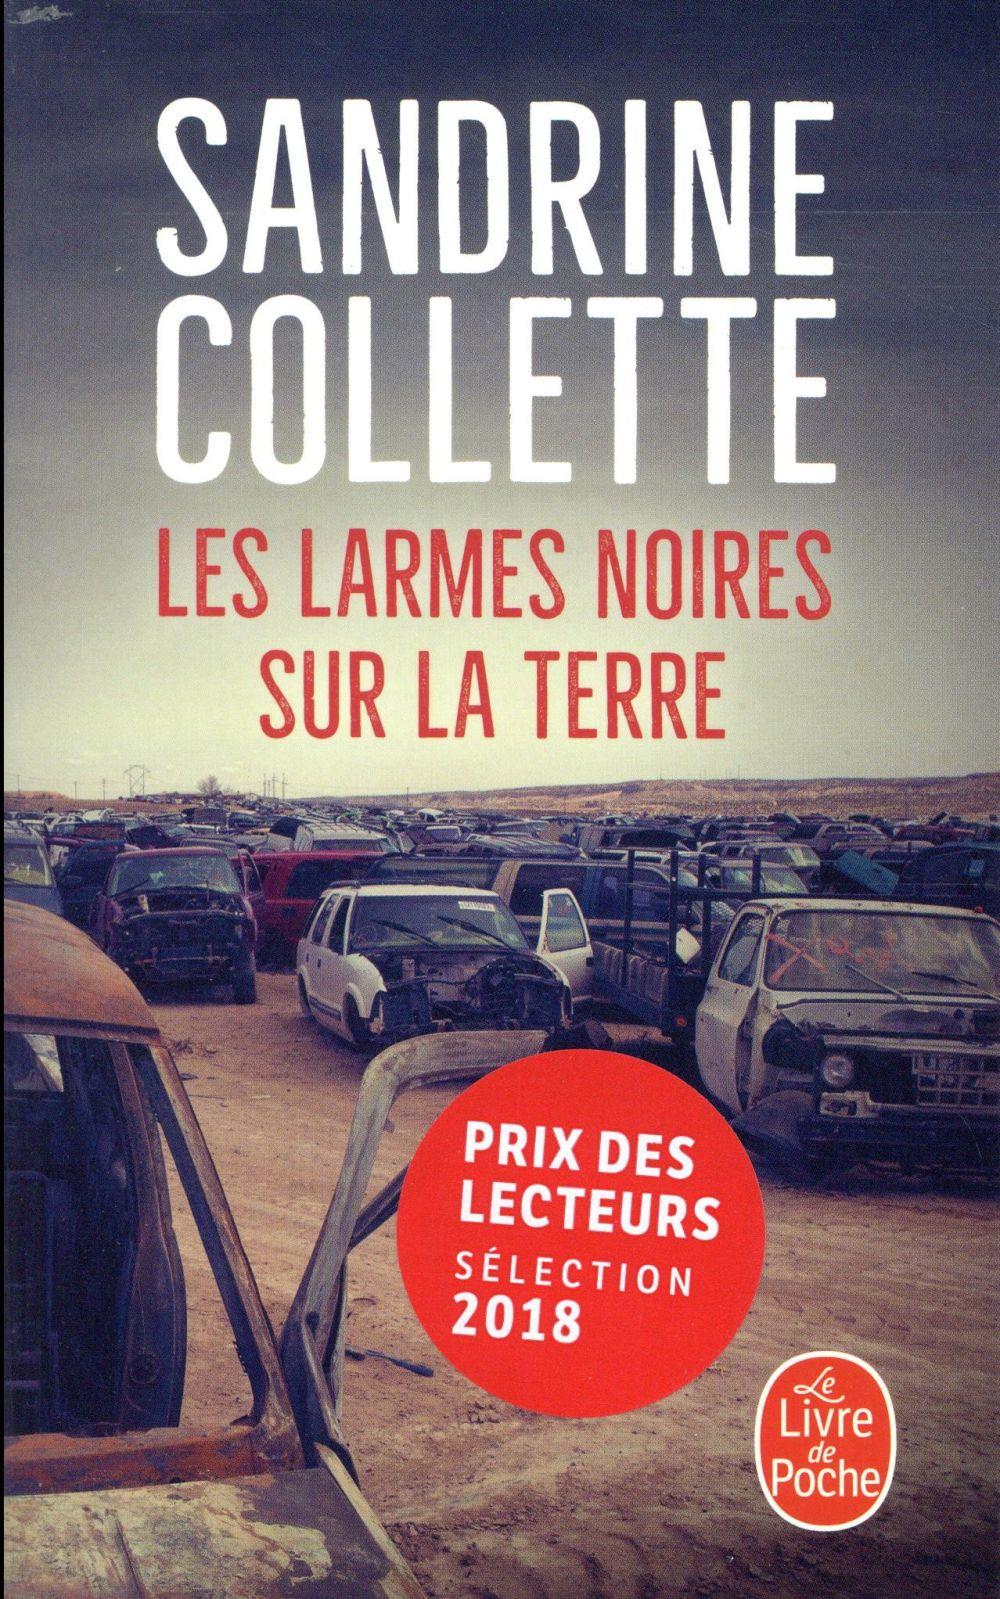 LES LARMES NOIRES SUR LA TERRE - PRIX CHOIX DES LIBRAIRES 2018 COLLETTE SANDRINE Lgdj